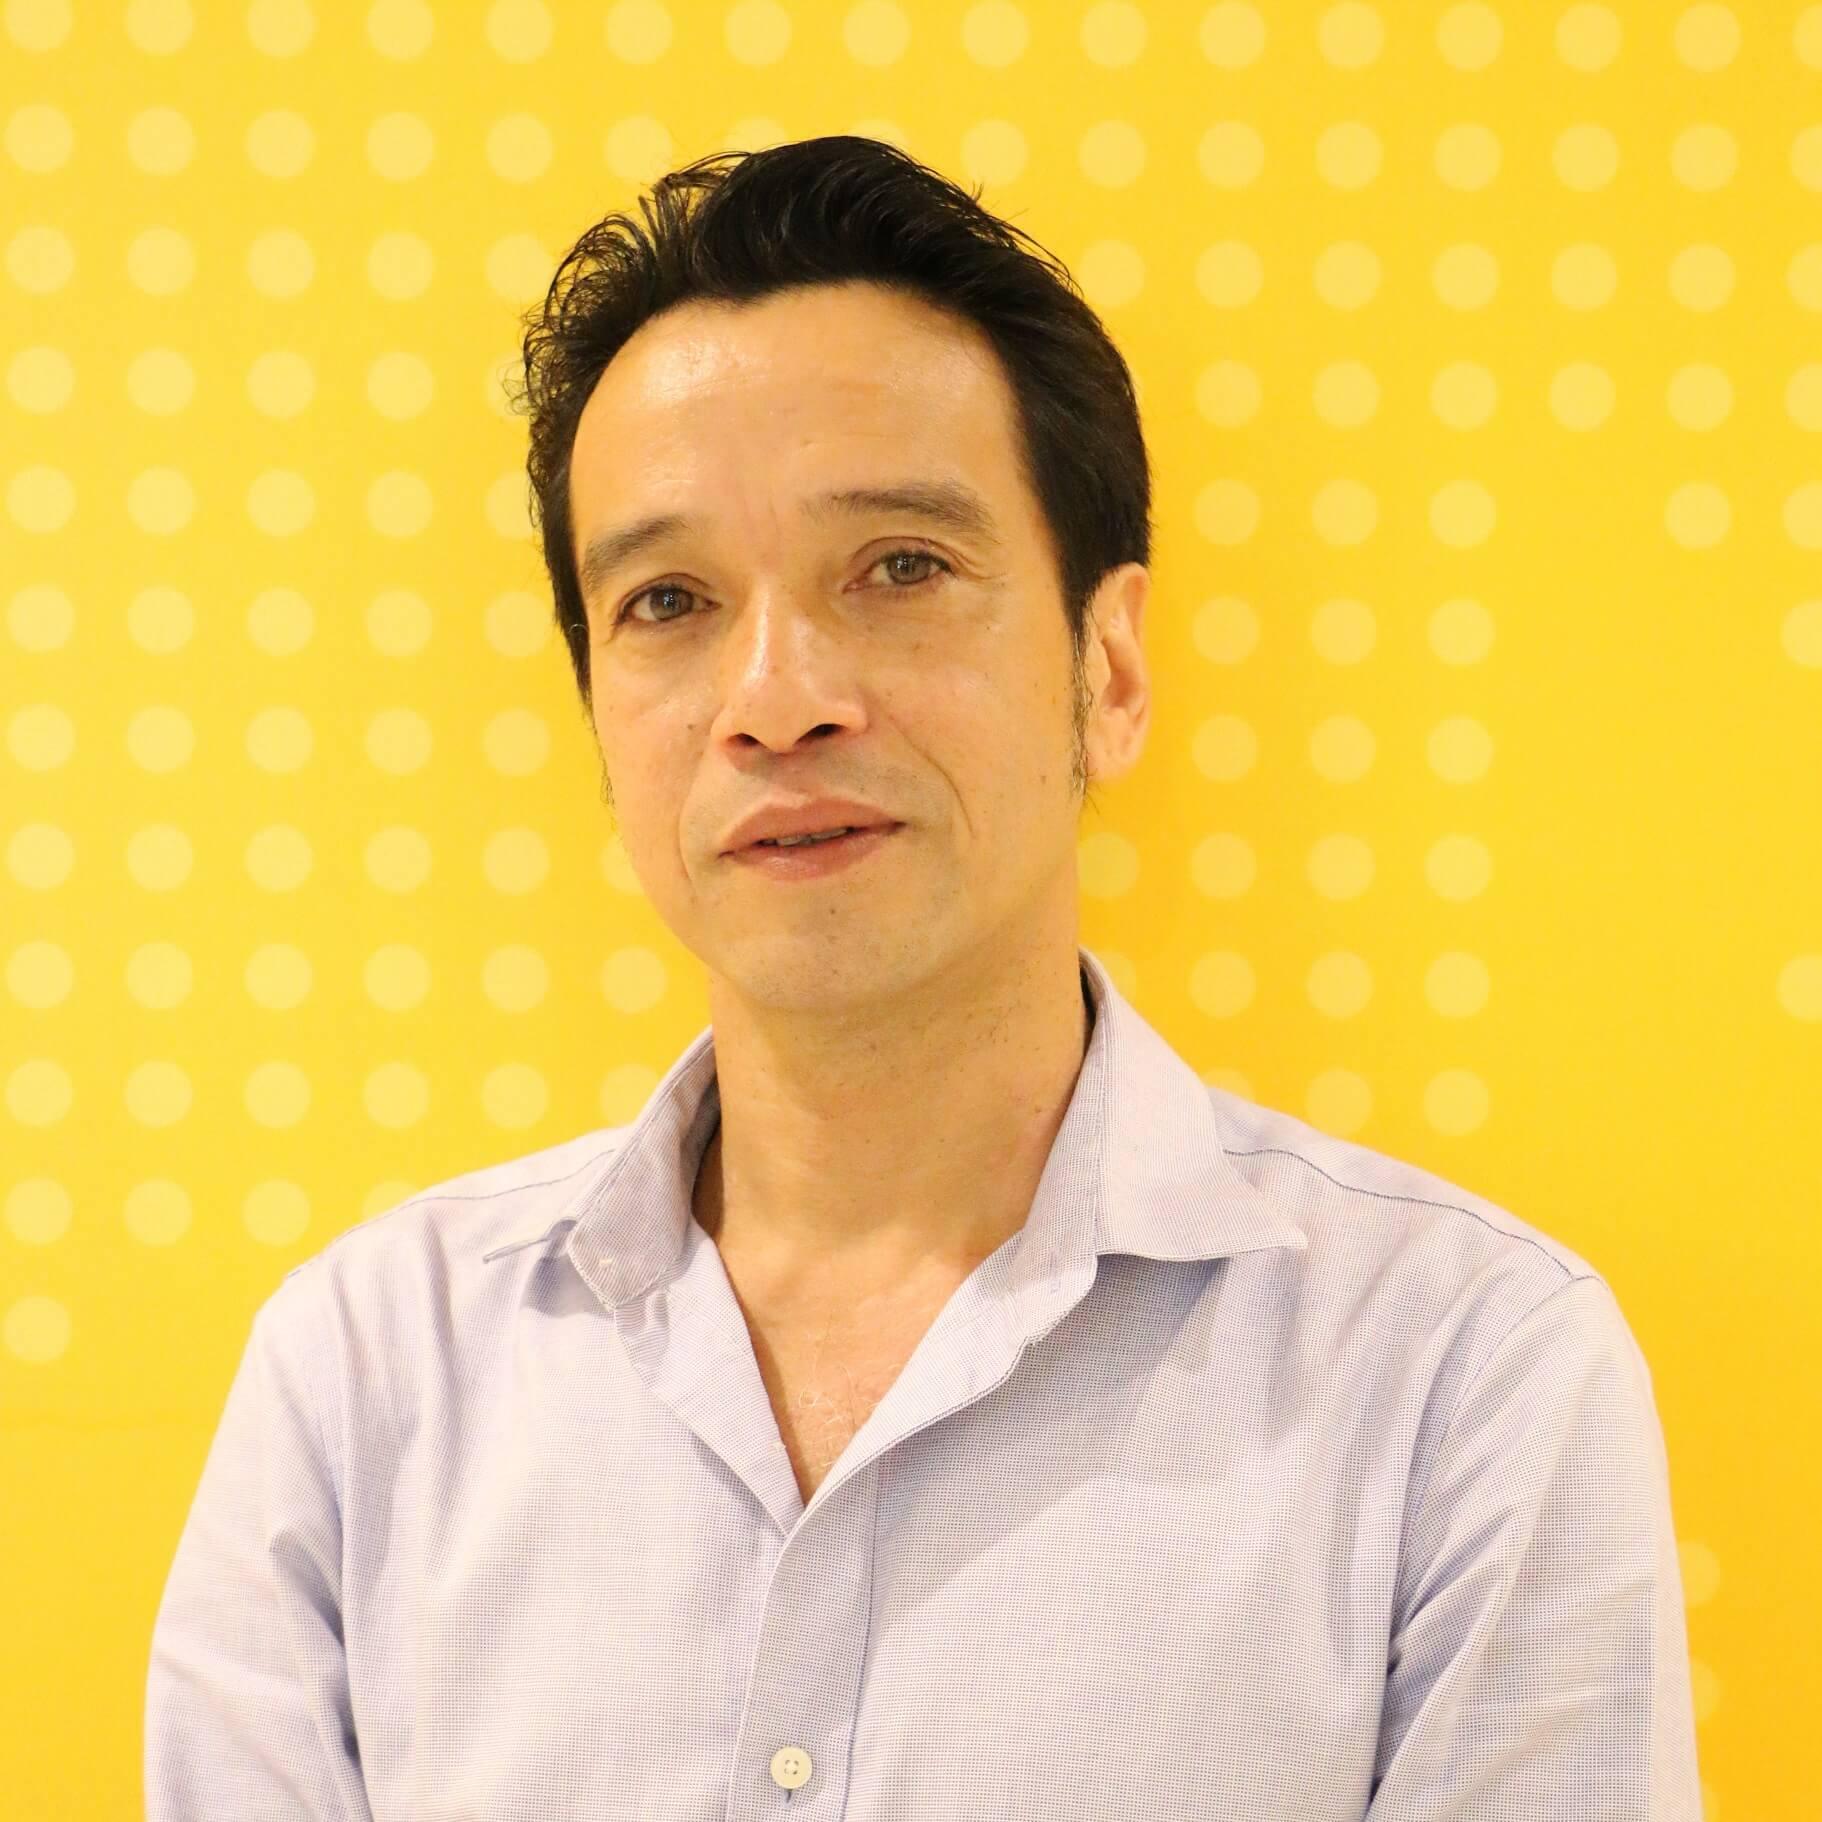 Neil Suarez